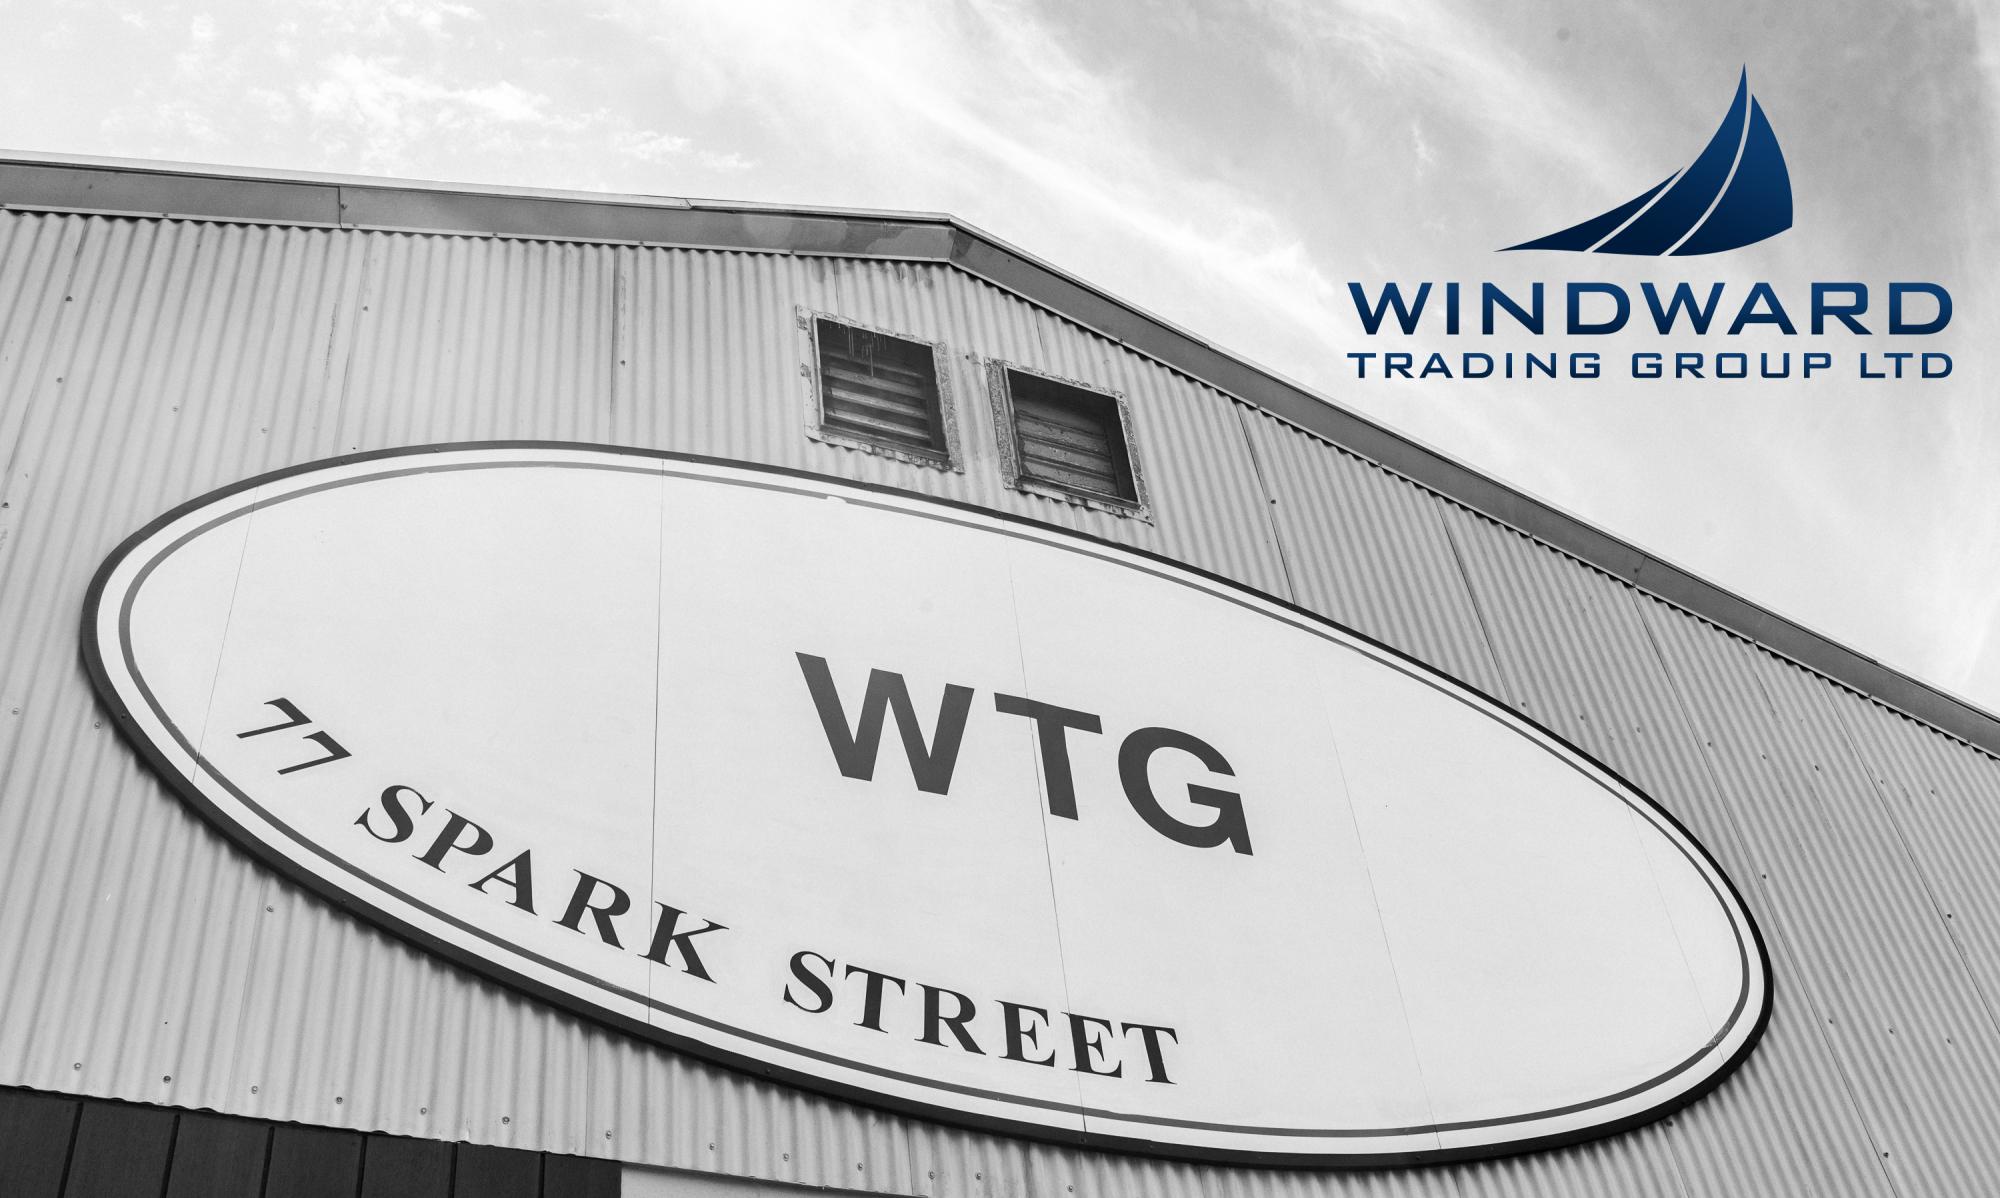 Windward Trading Group